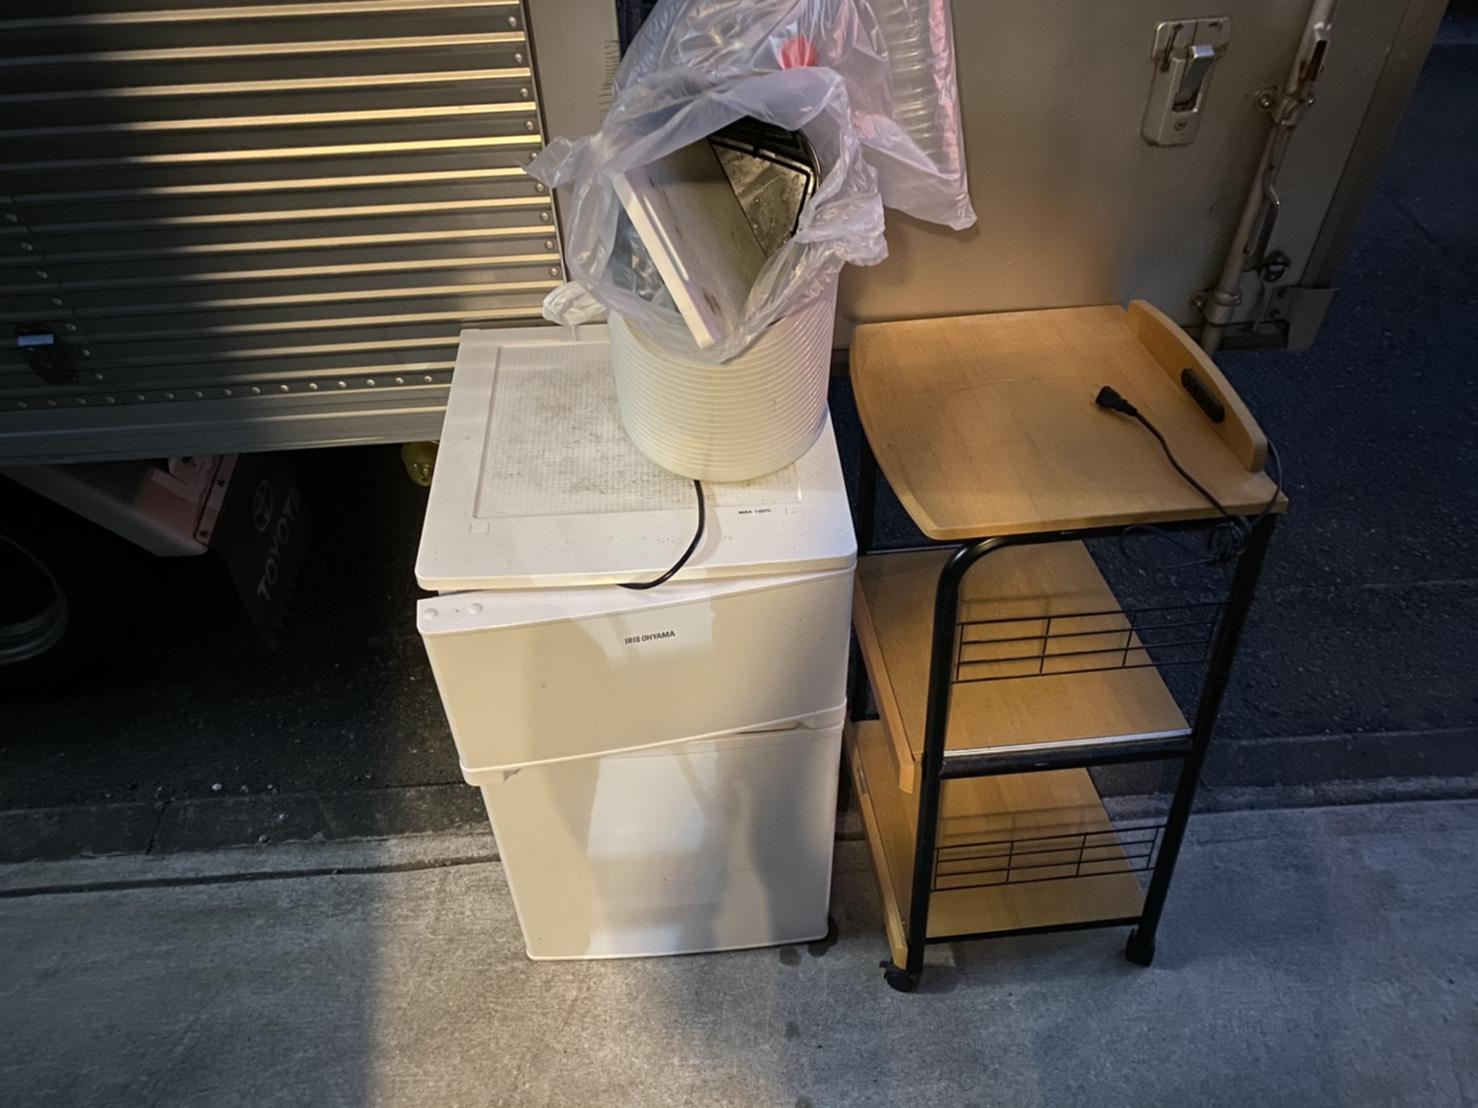 冷蔵庫、ワゴンの回収前